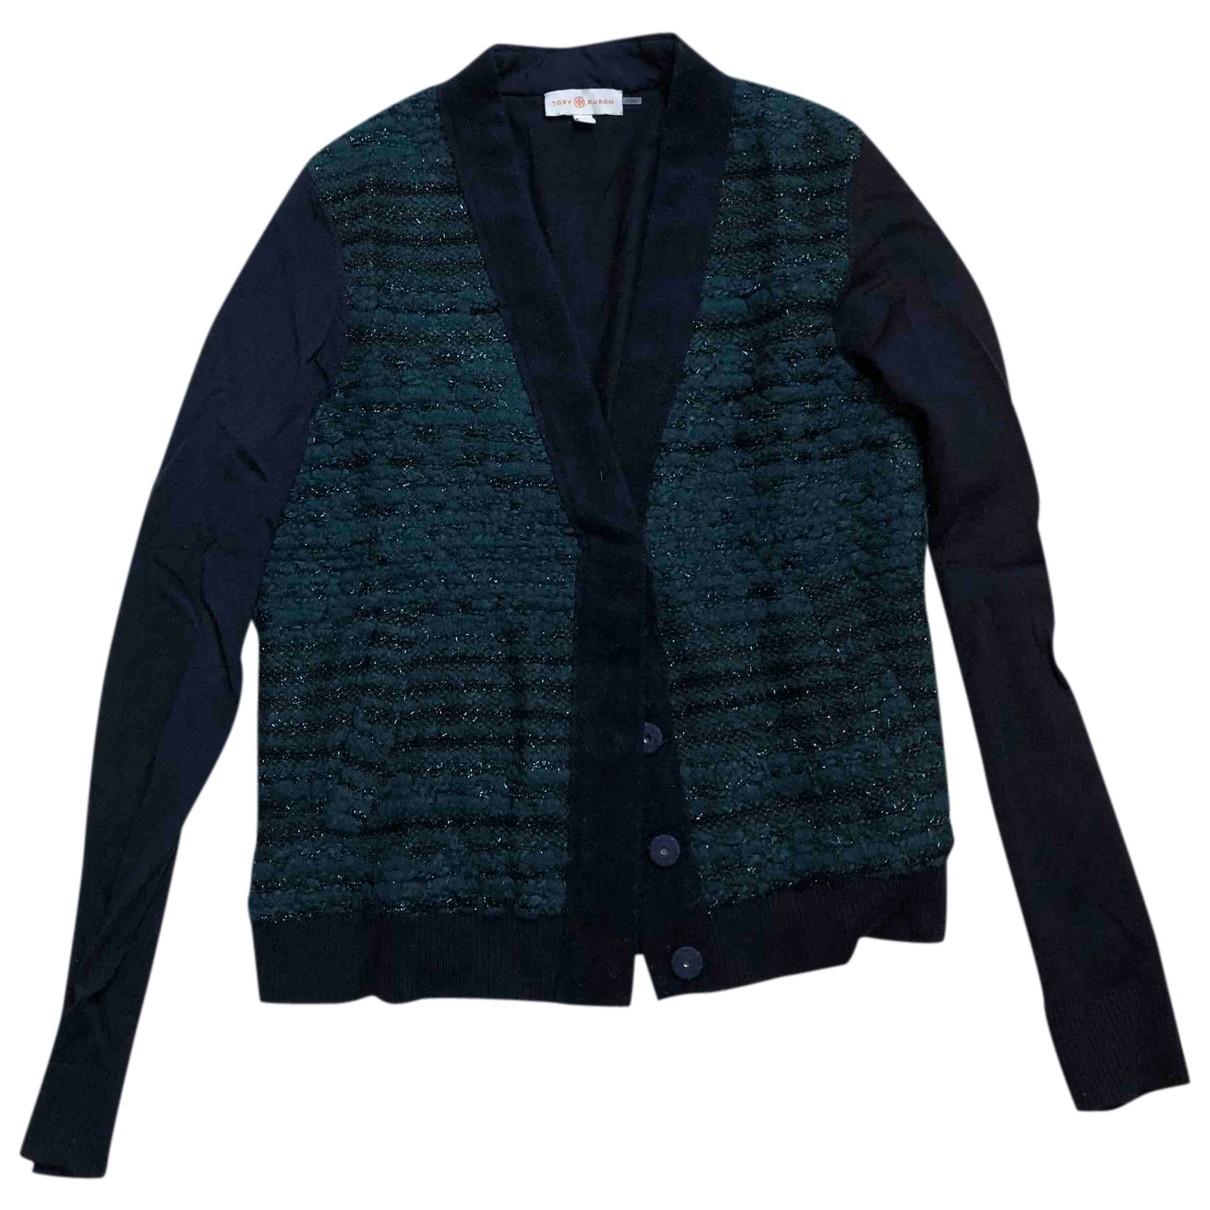 Tory Burch N Multicolour Wool Knitwear for Women M International